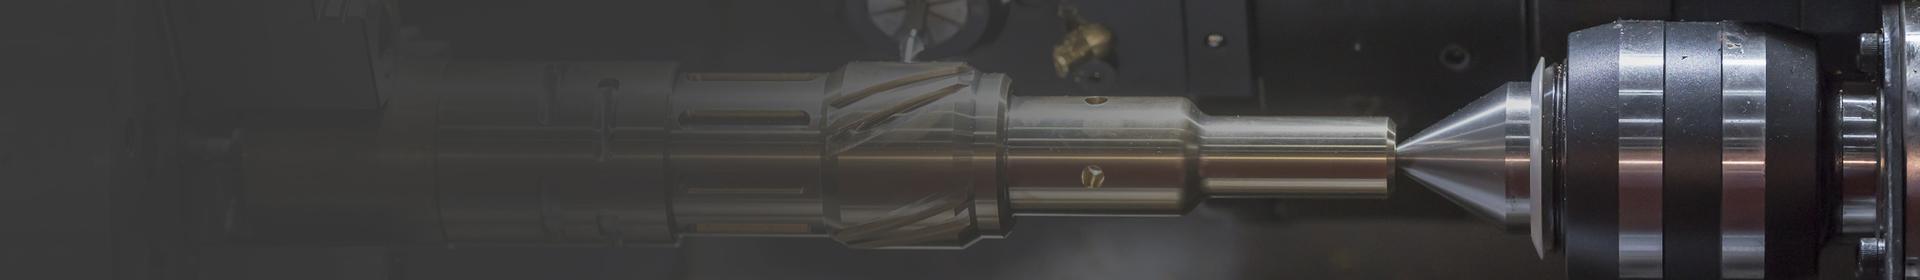 wykonywanie obróbki metalowego elementu